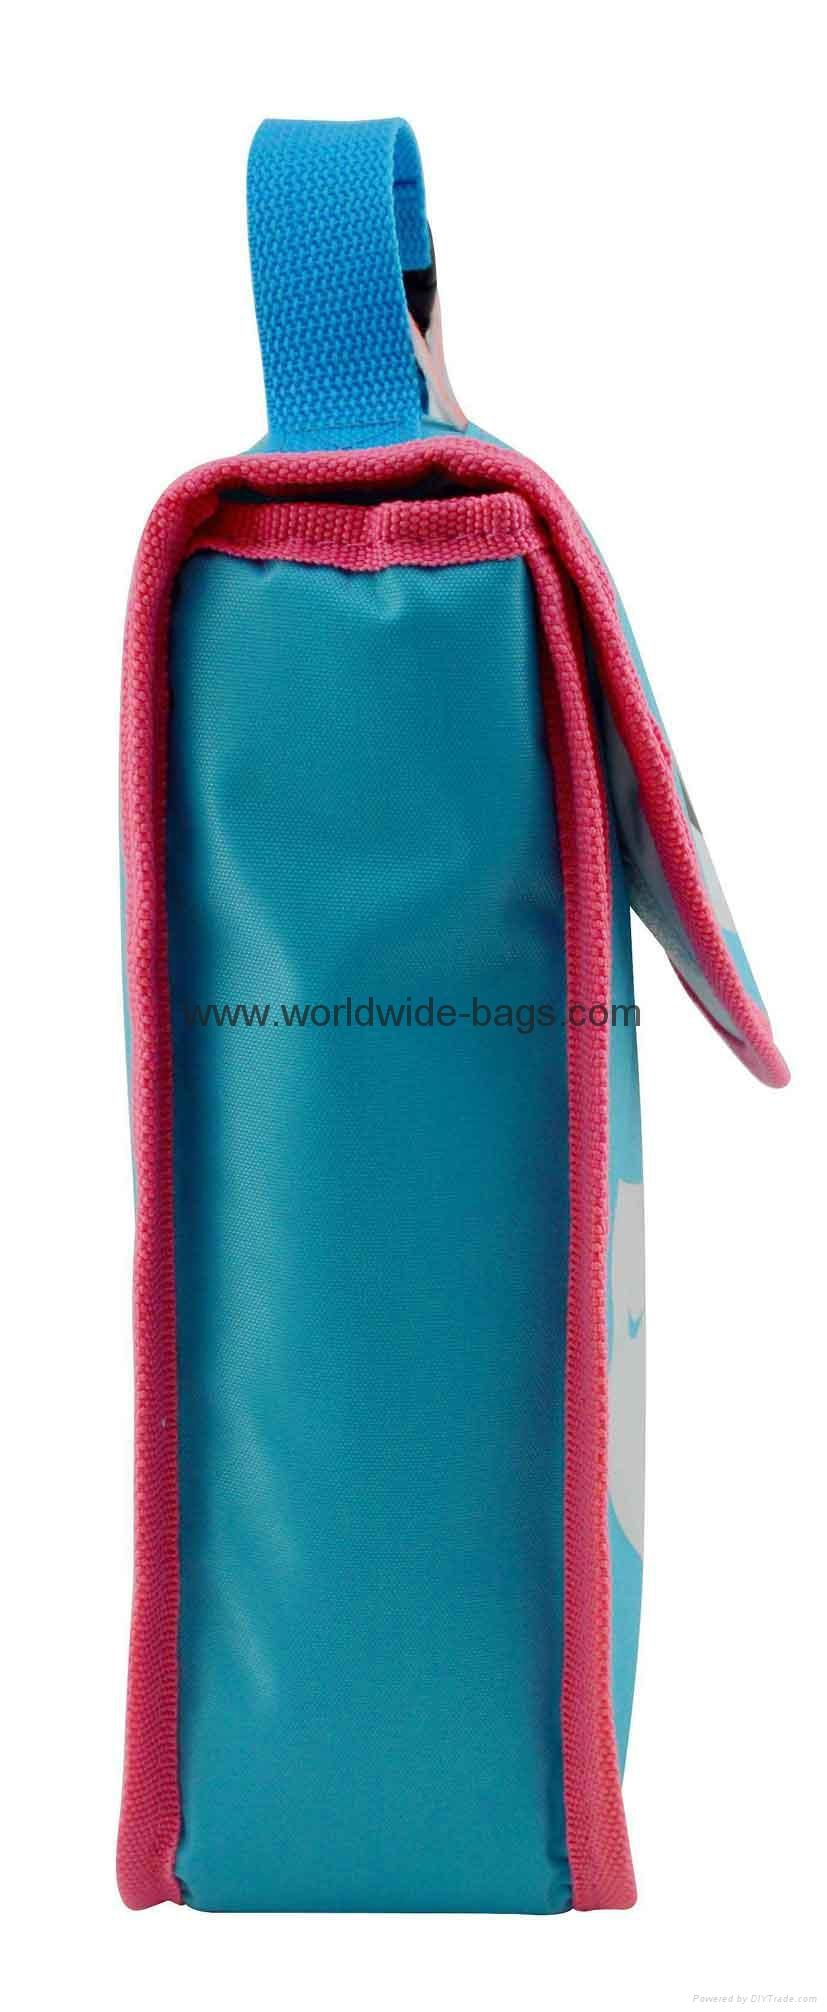 ww320. bag.